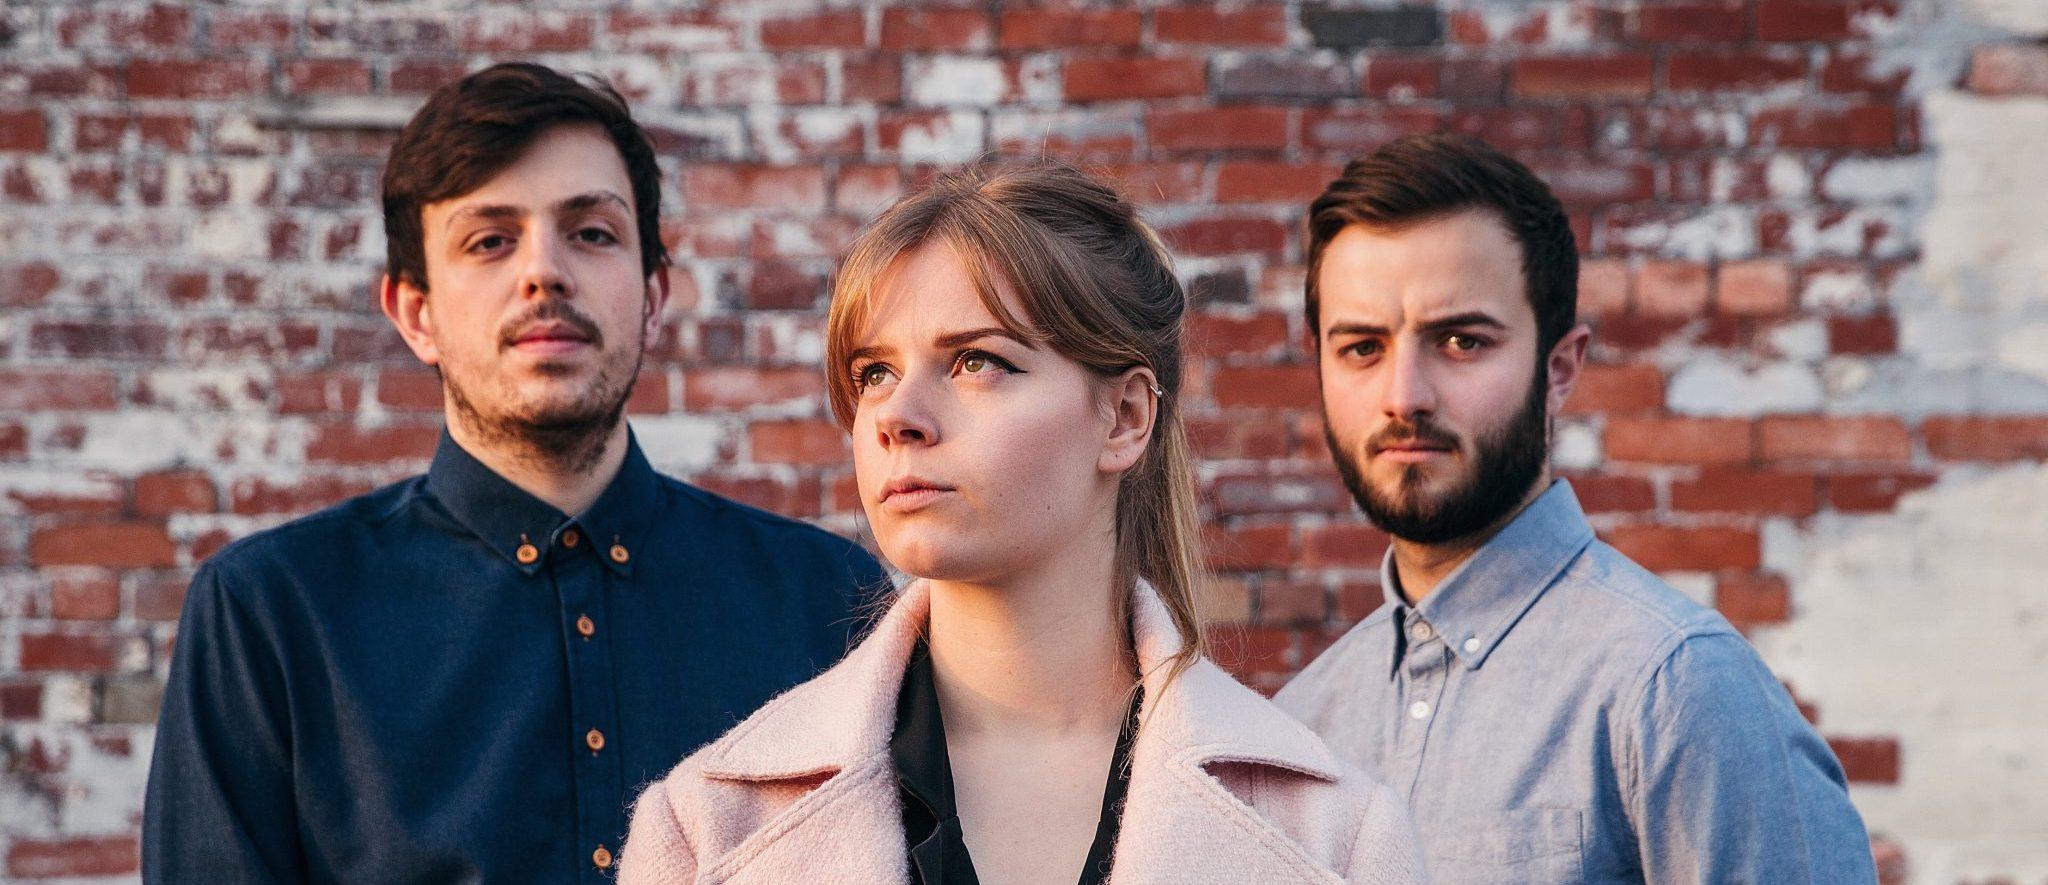 listen-waves-by-peakes-uk-indie music-new music-indie pop-indie-music blog-indie blog-wolf in a suit-wolfinasuit